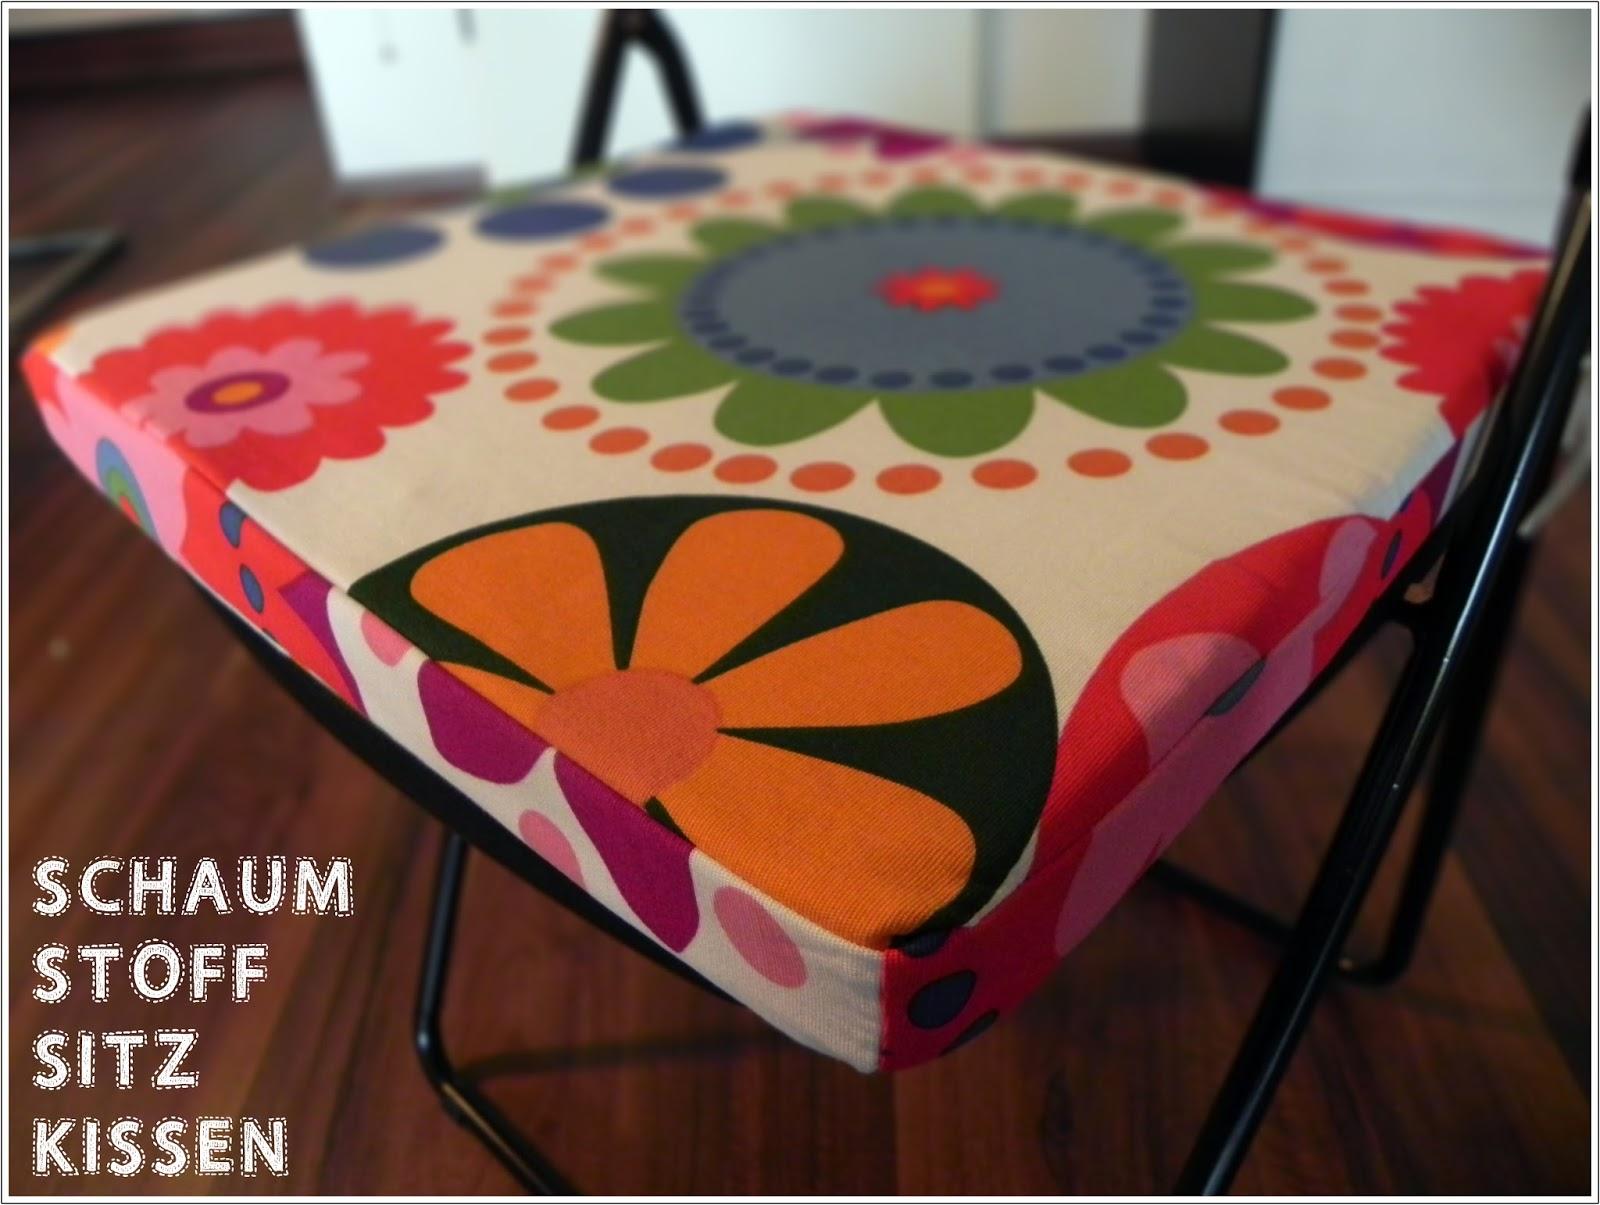 vervliest und zugen ht schaumstoffsitzkissen. Black Bedroom Furniture Sets. Home Design Ideas